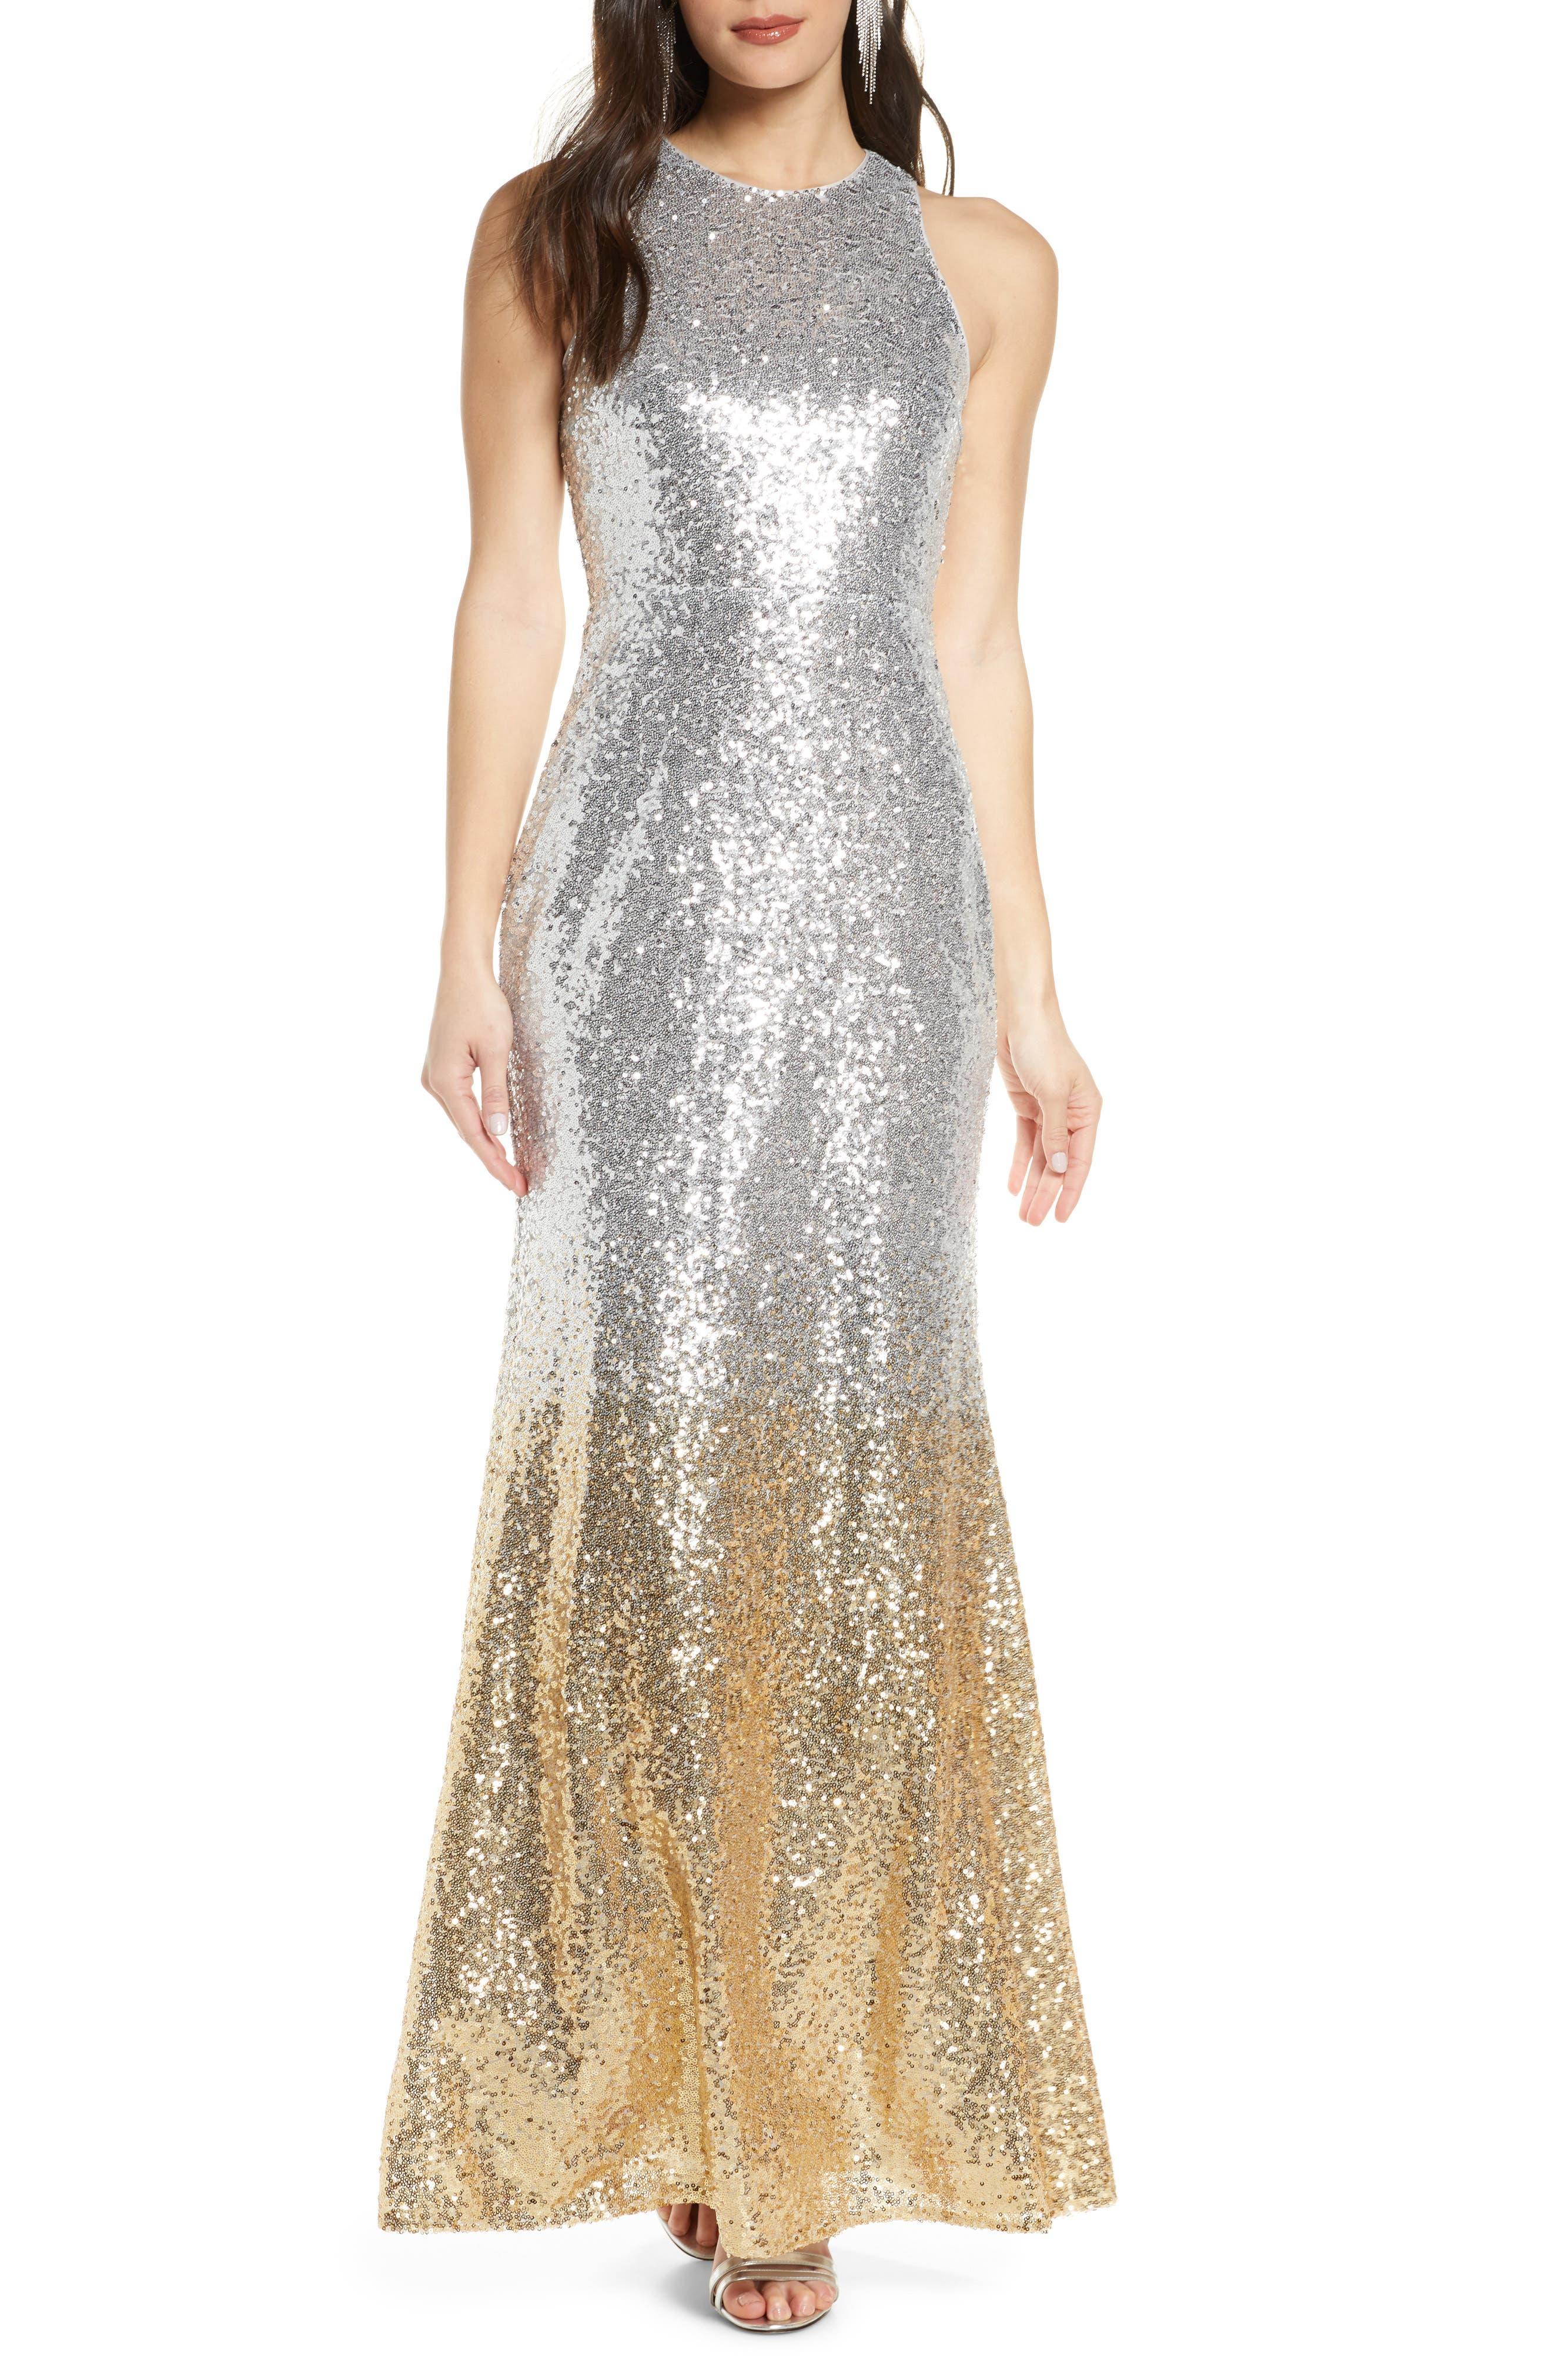 70s Sequin Dresses, Disco Dresses Womens Lulus Infinite Dreams Ombre Sequin Trumpet Gown Size X-Large - Metallic $48.80 AT vintagedancer.com